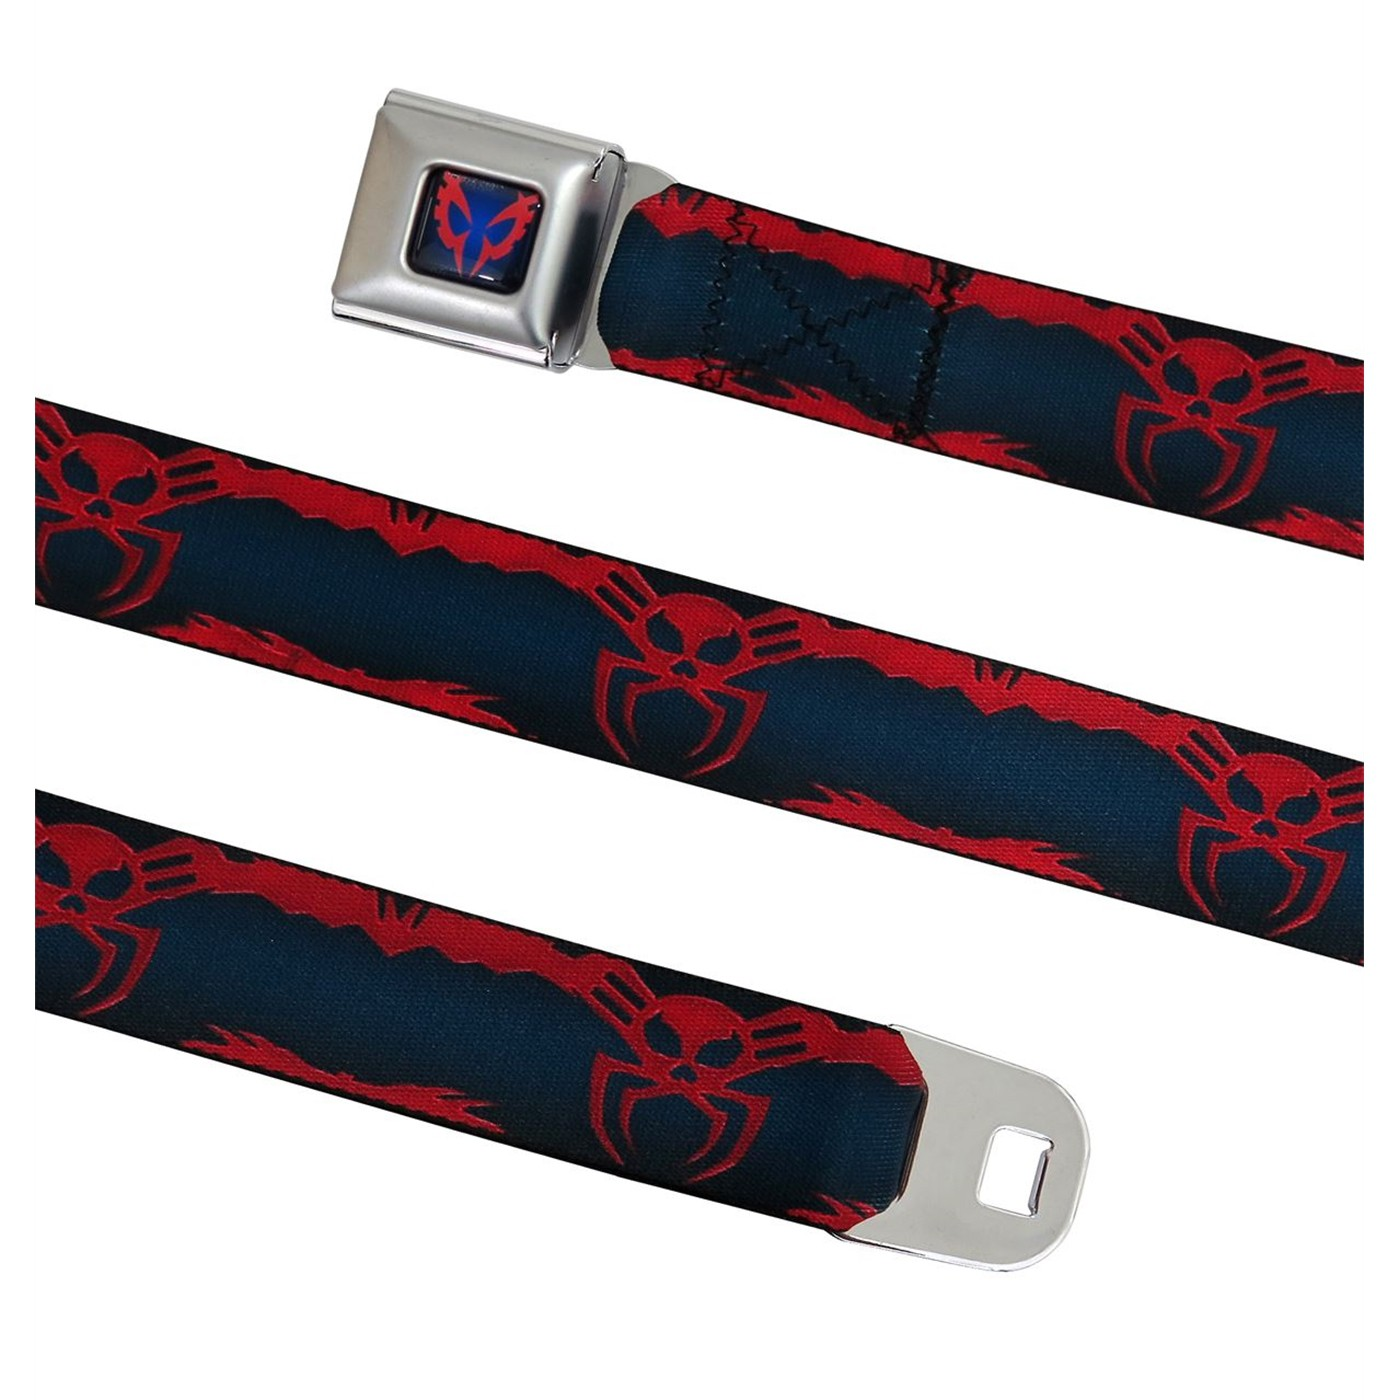 Spider-Man 2099 Seatbelt Belt